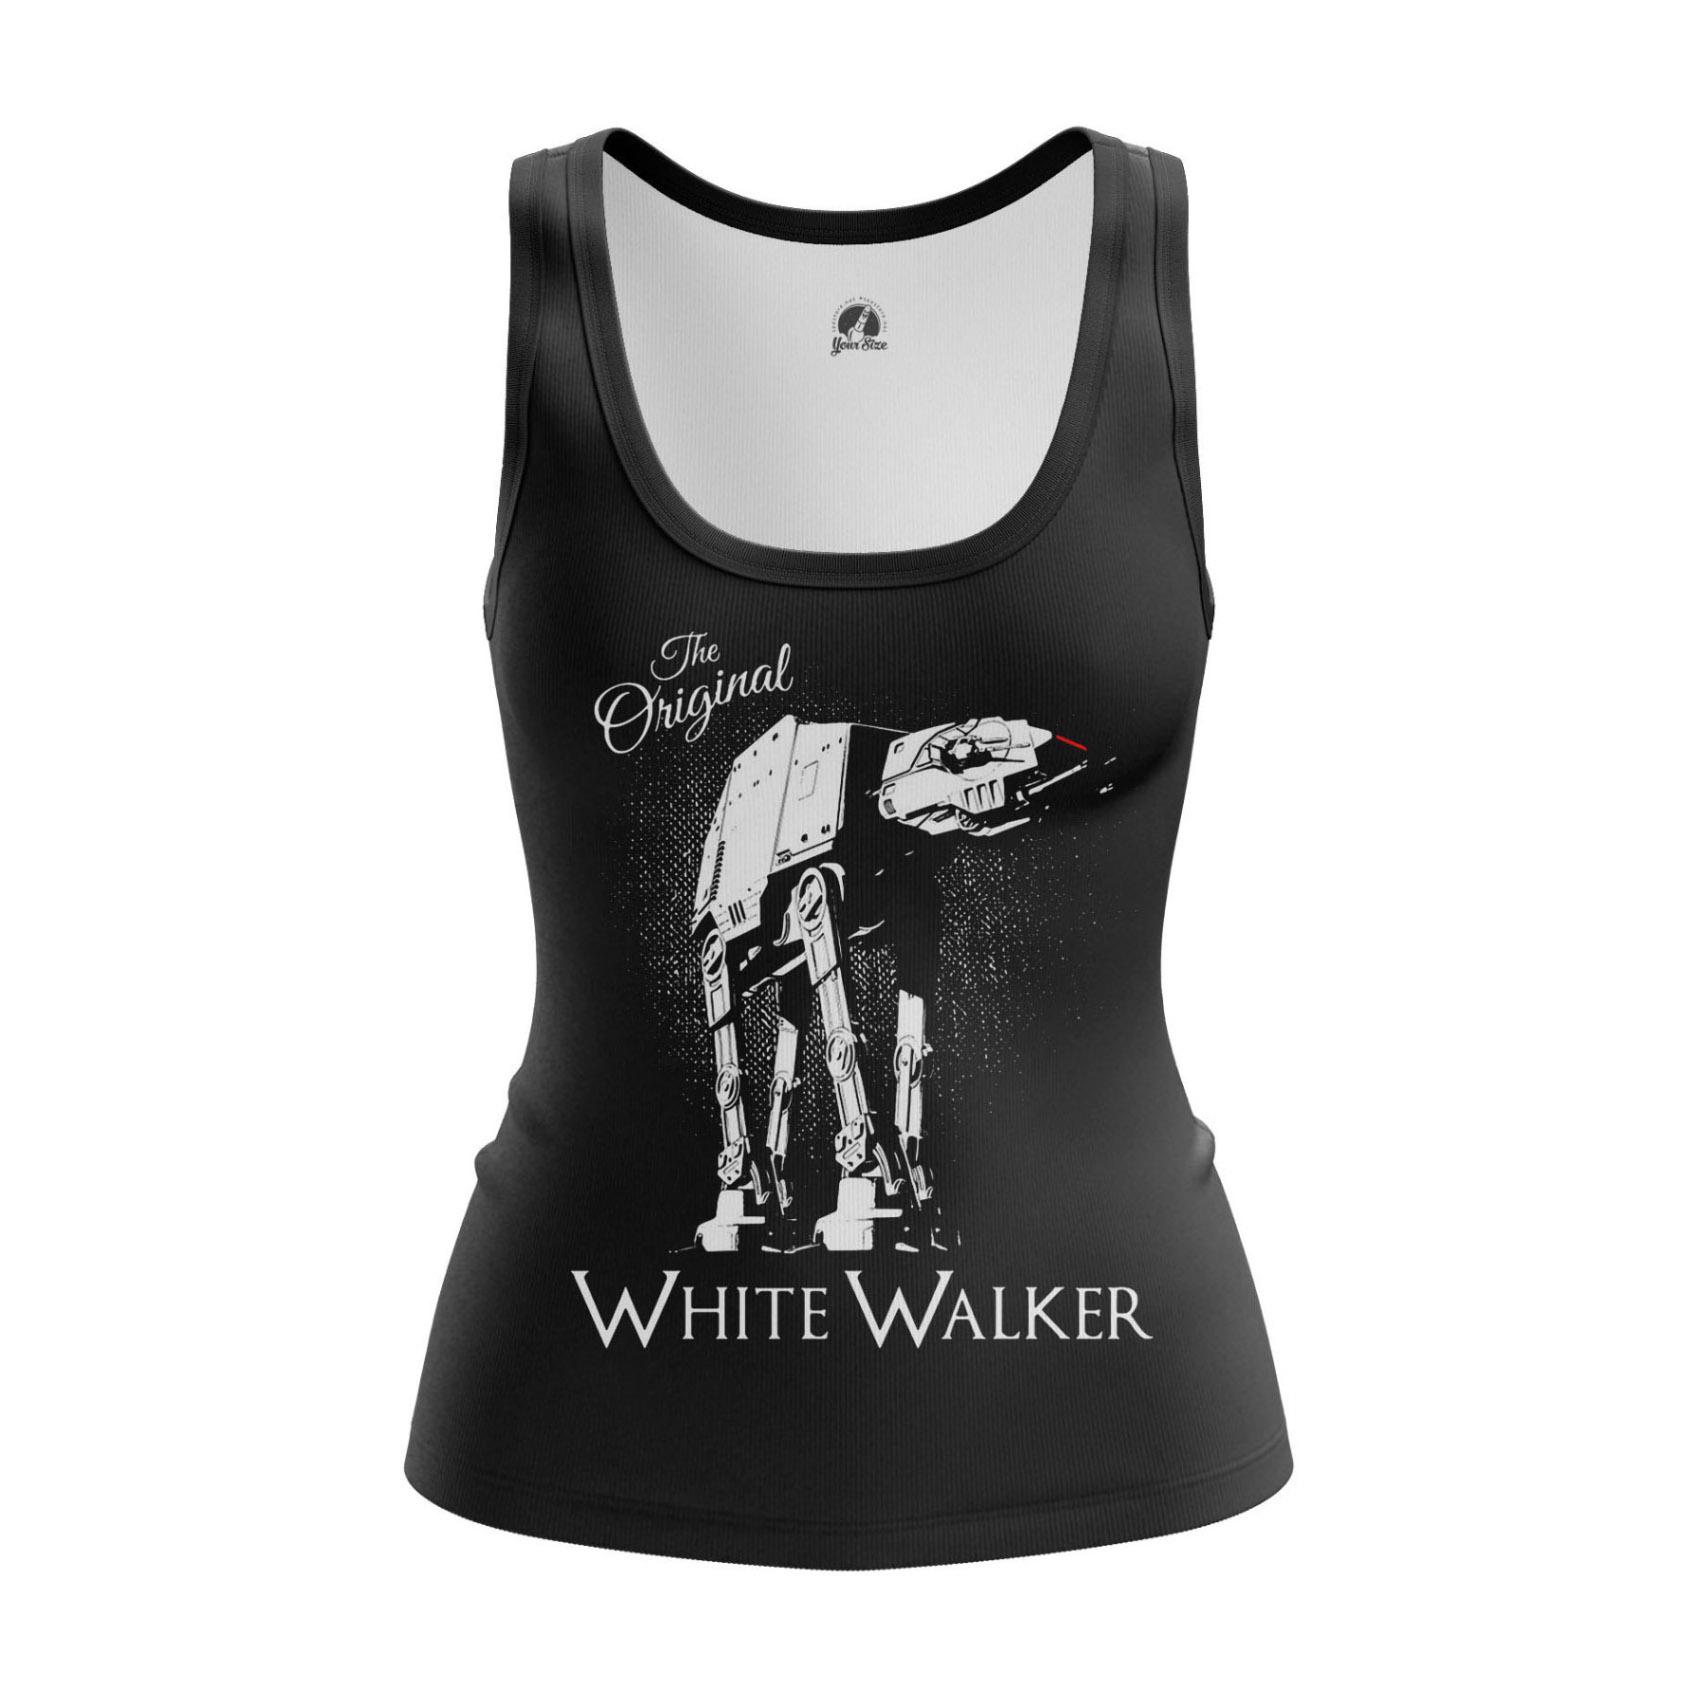 - W Tan Originalwalker 1482275397 467